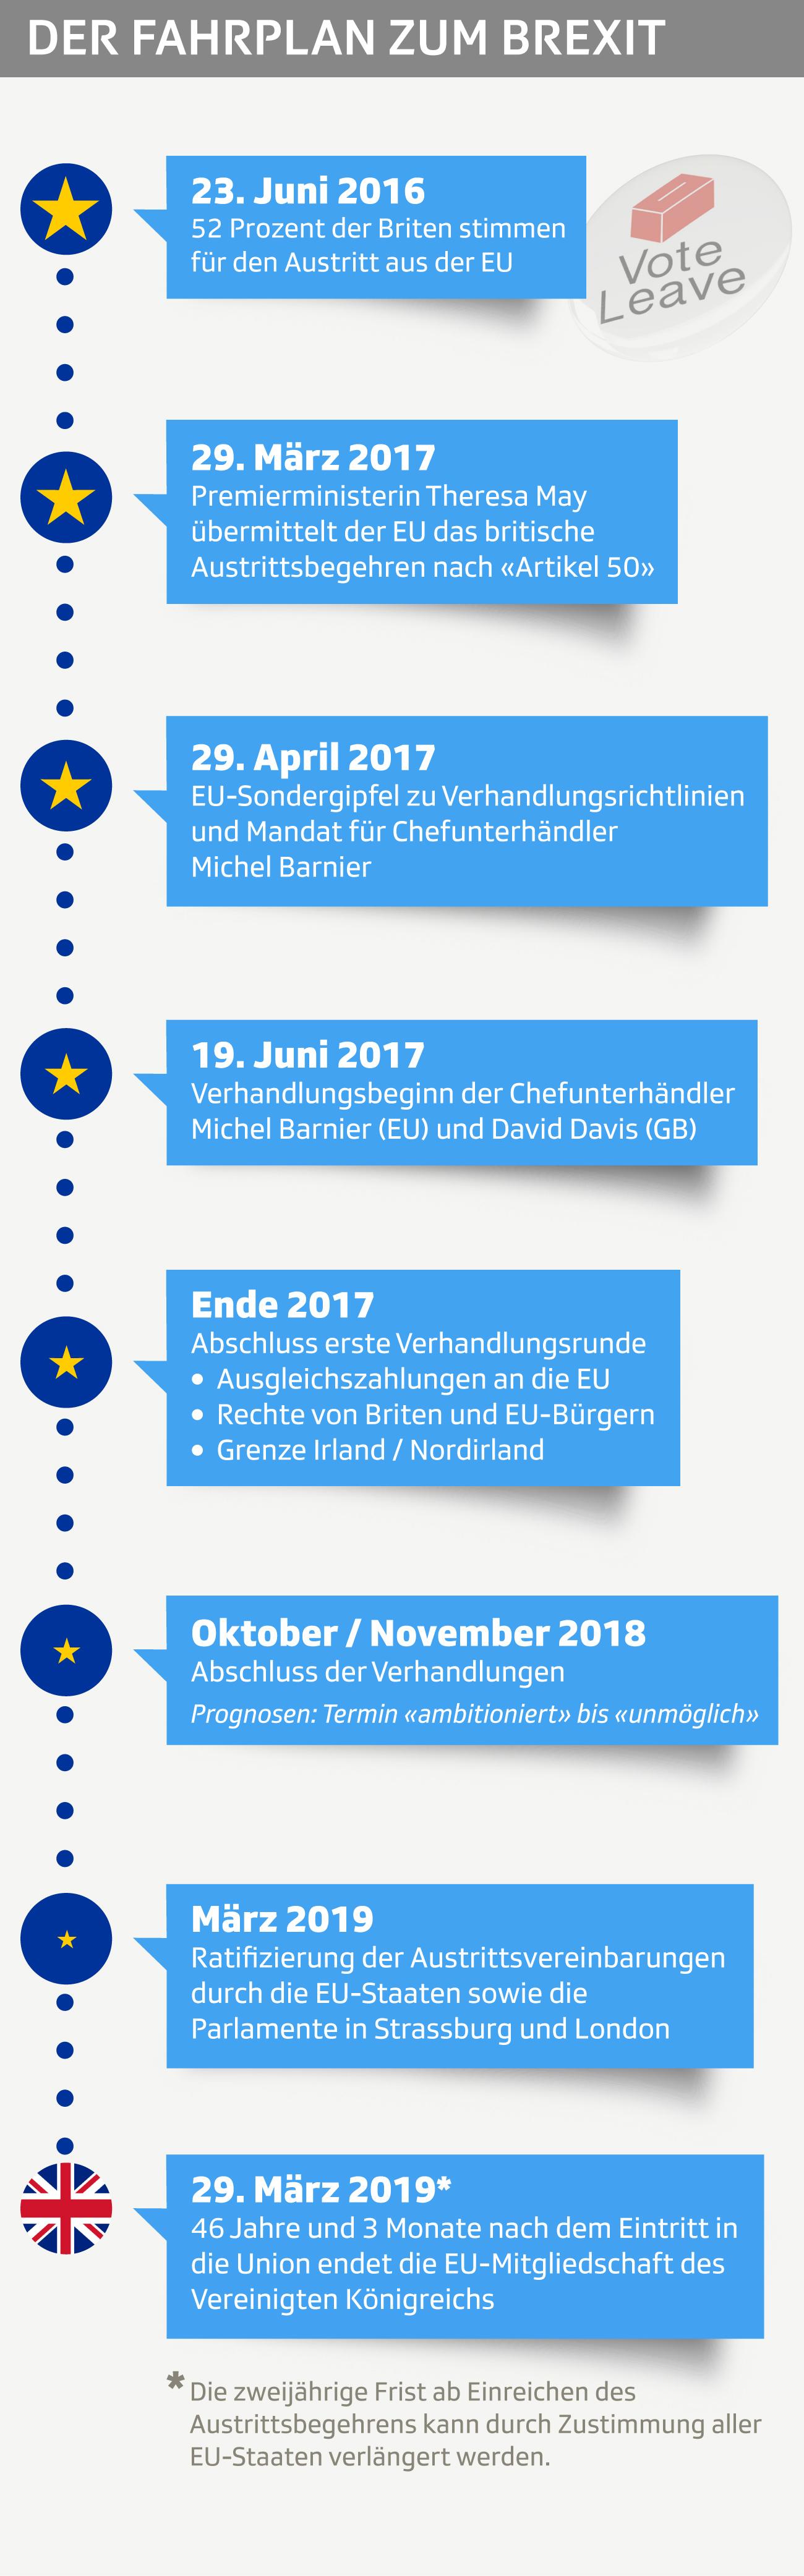 Der Fahrplan zum Brexit